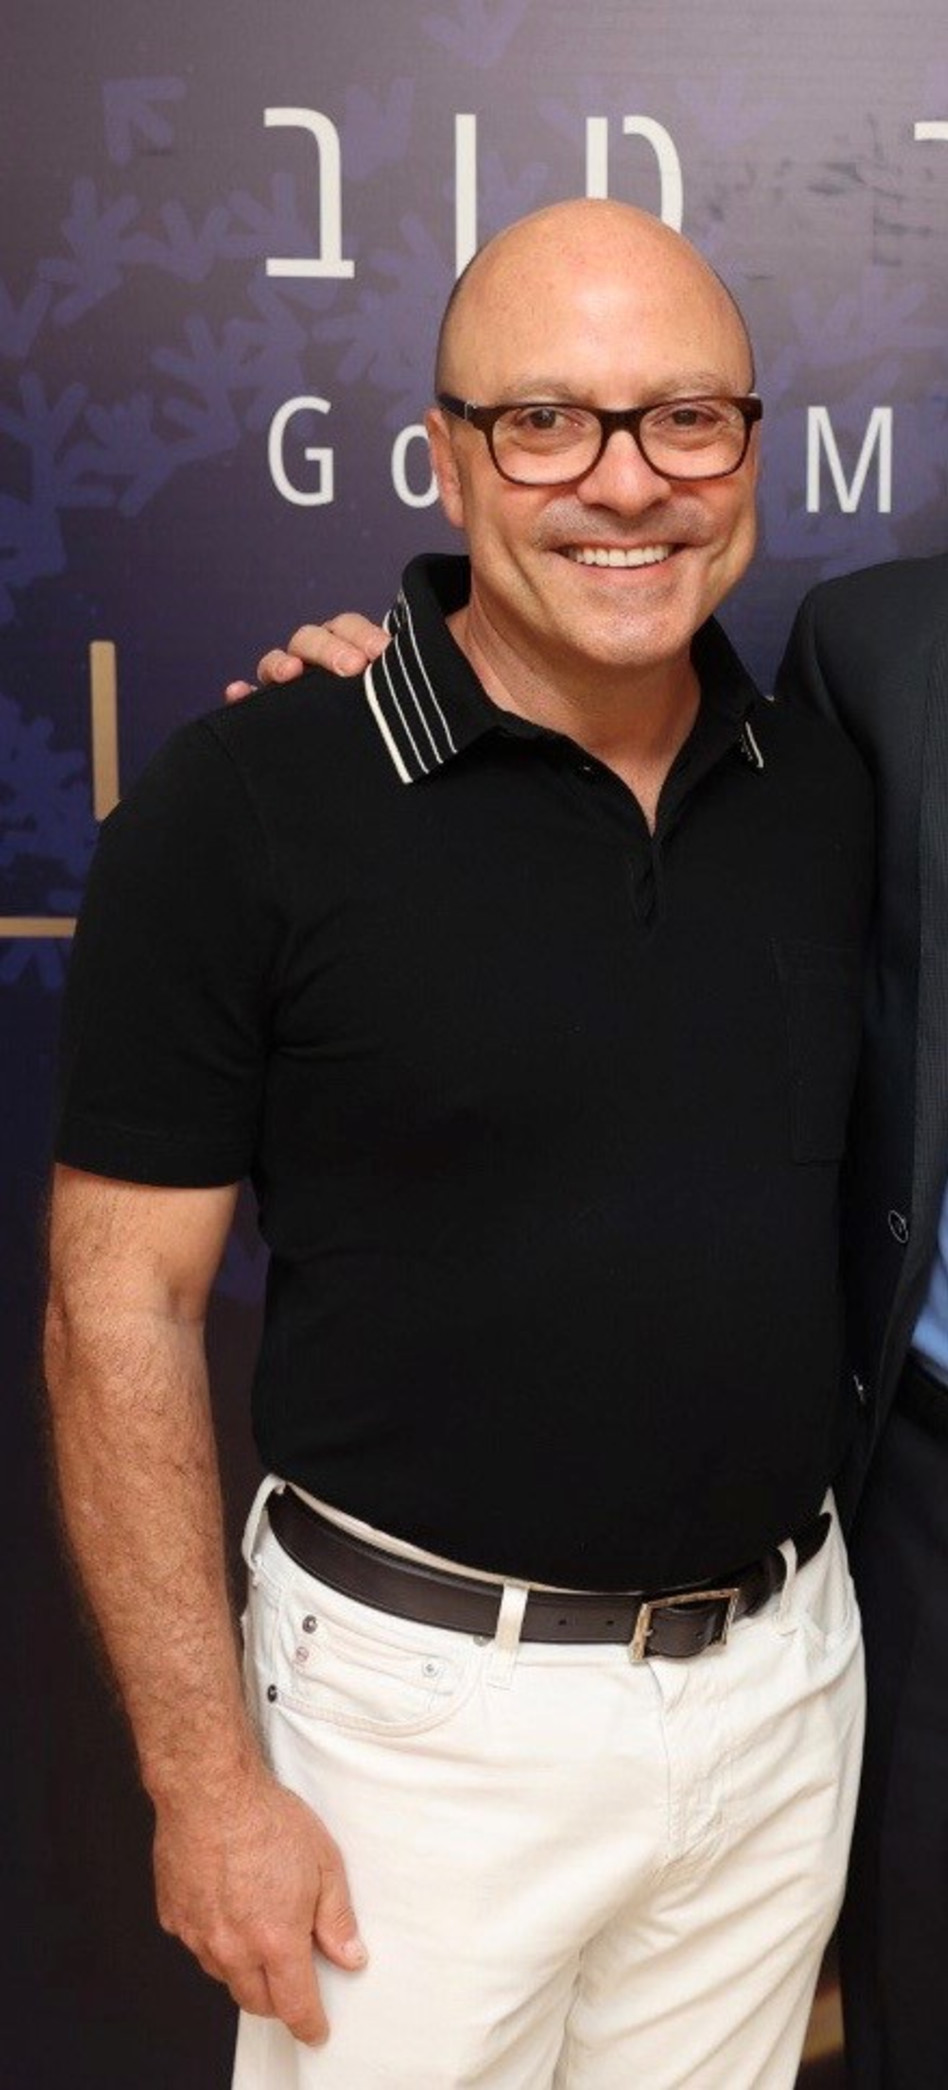 יונתן קולבר (צילום: אבי רוקח)